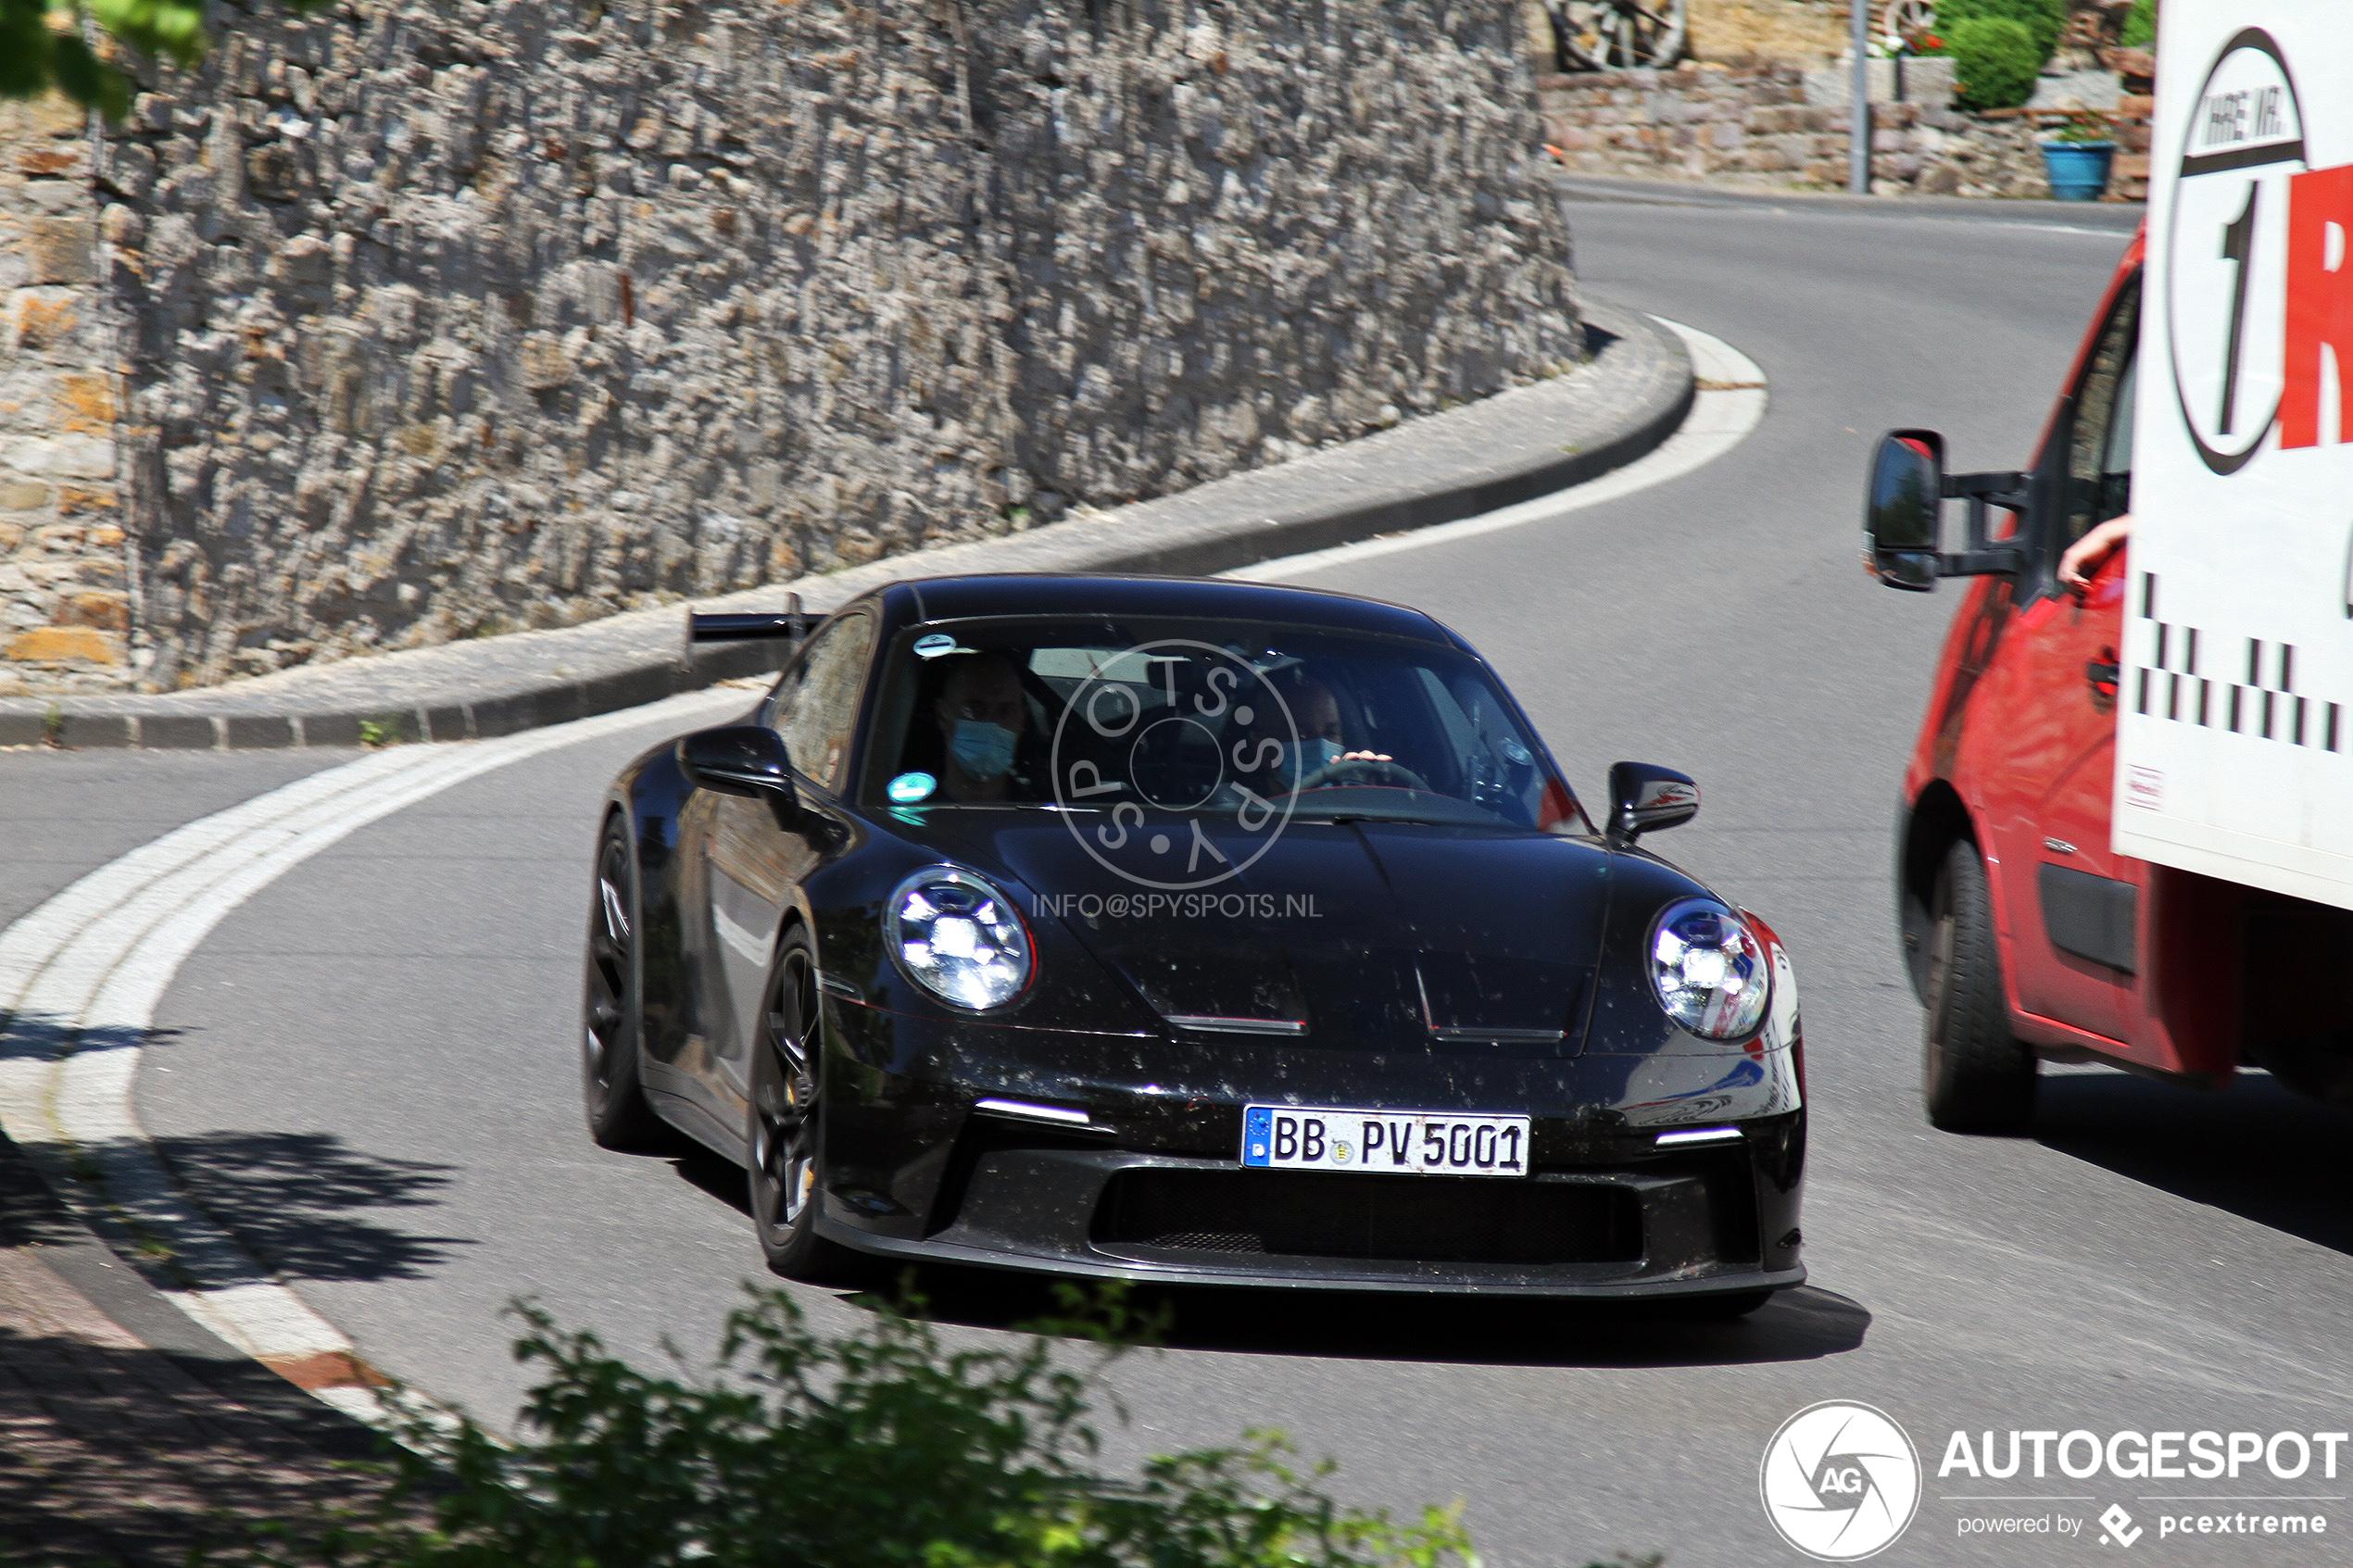 Nog een maand voor de nieuwe Porsche 992 GT3 uitkomt